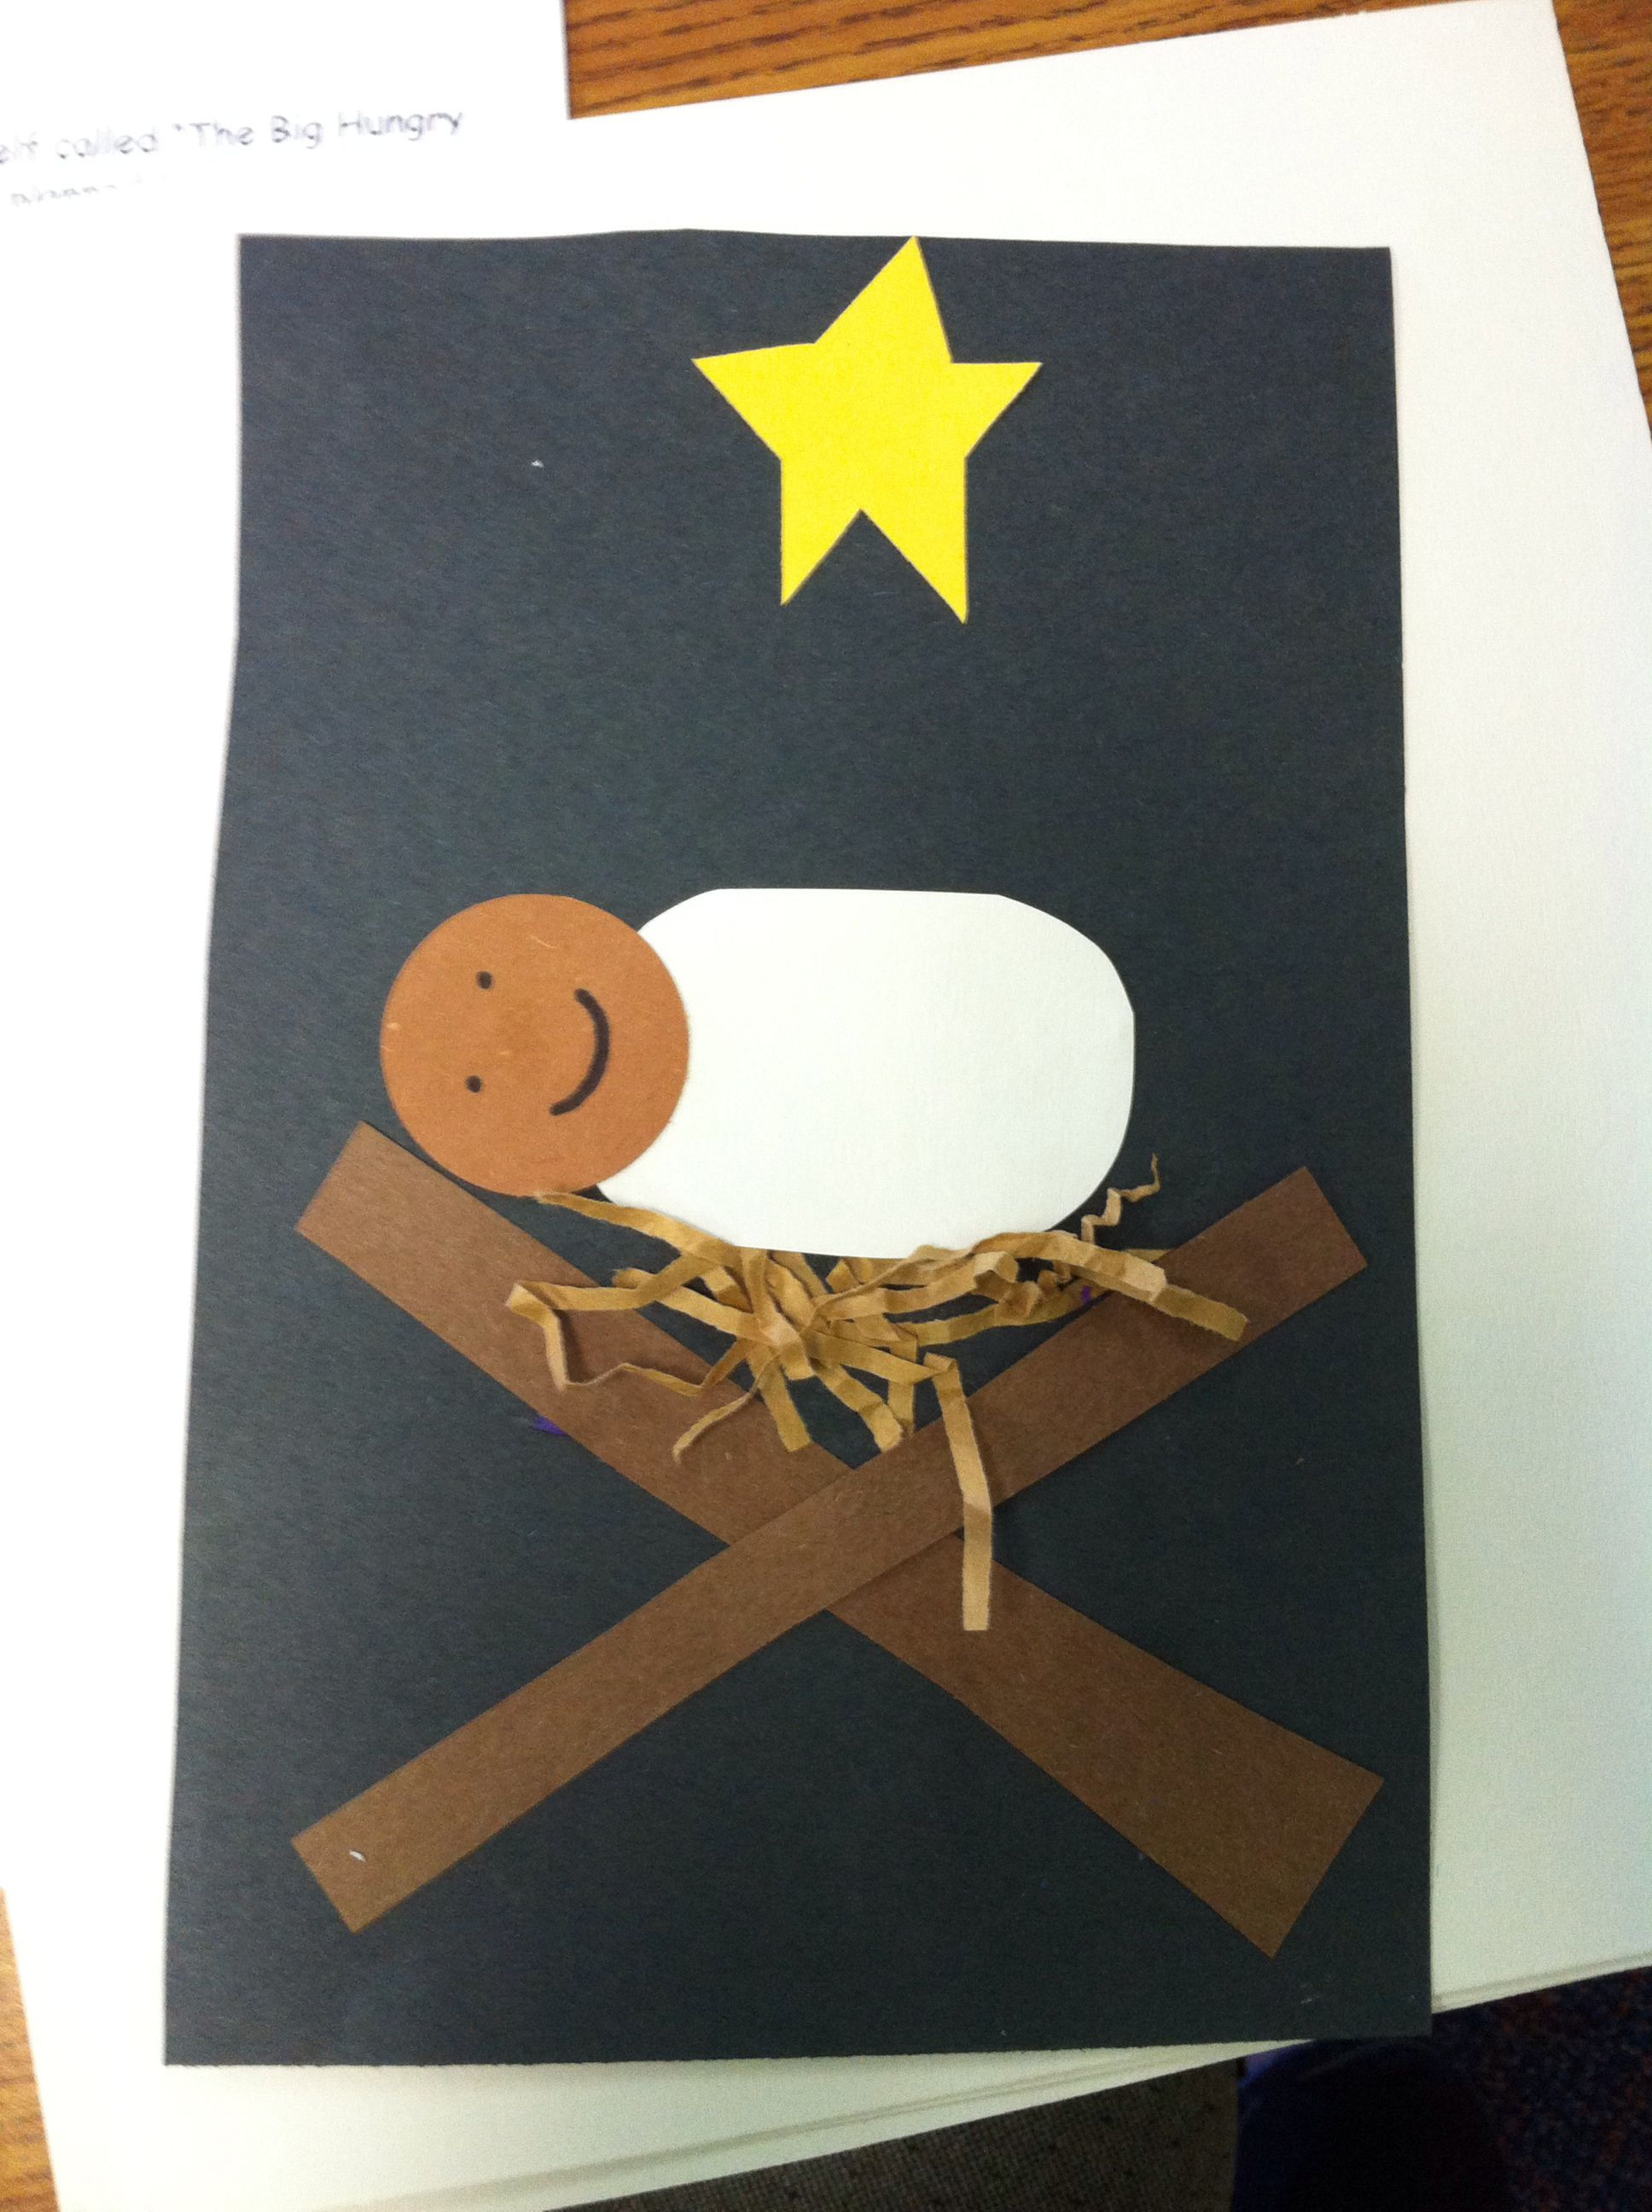 Christmas baby Jesus craft.